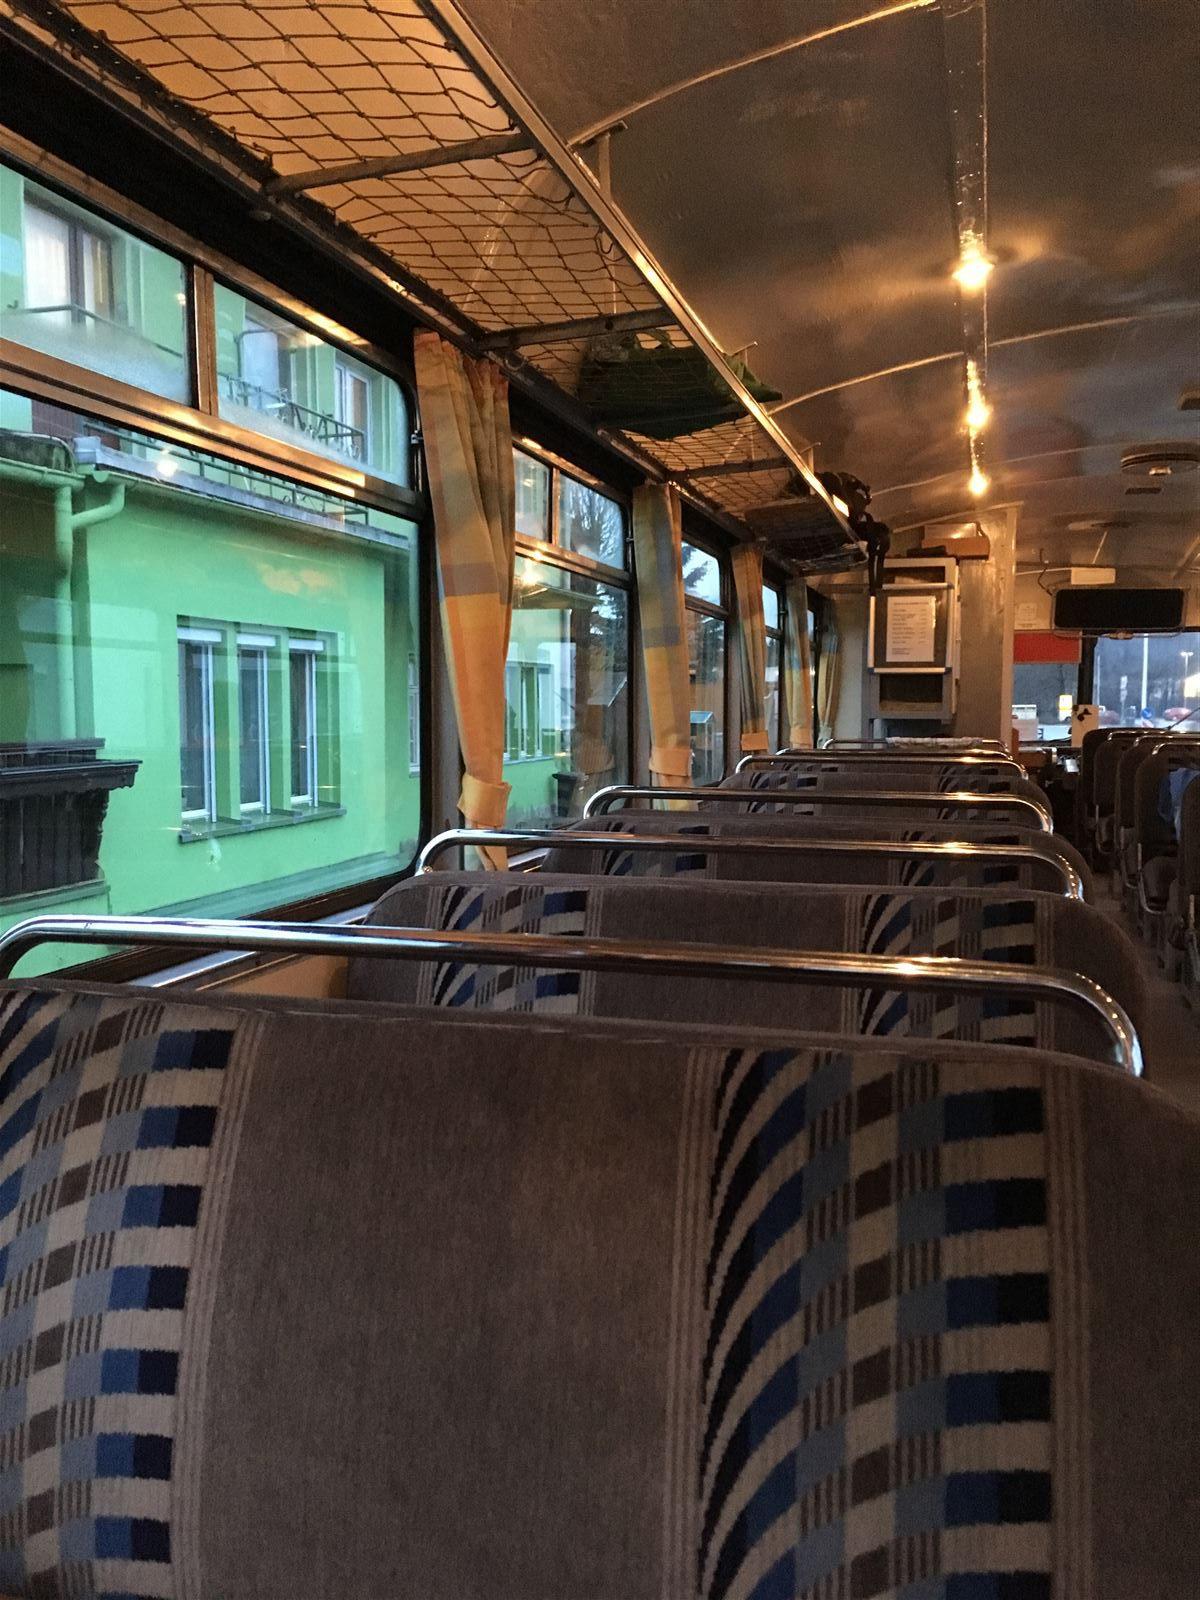 Schienenbus: nostalgische Bahnfahrt mit der Wisentatalbahn von Sachsen nach Thüringen und wieder zurück